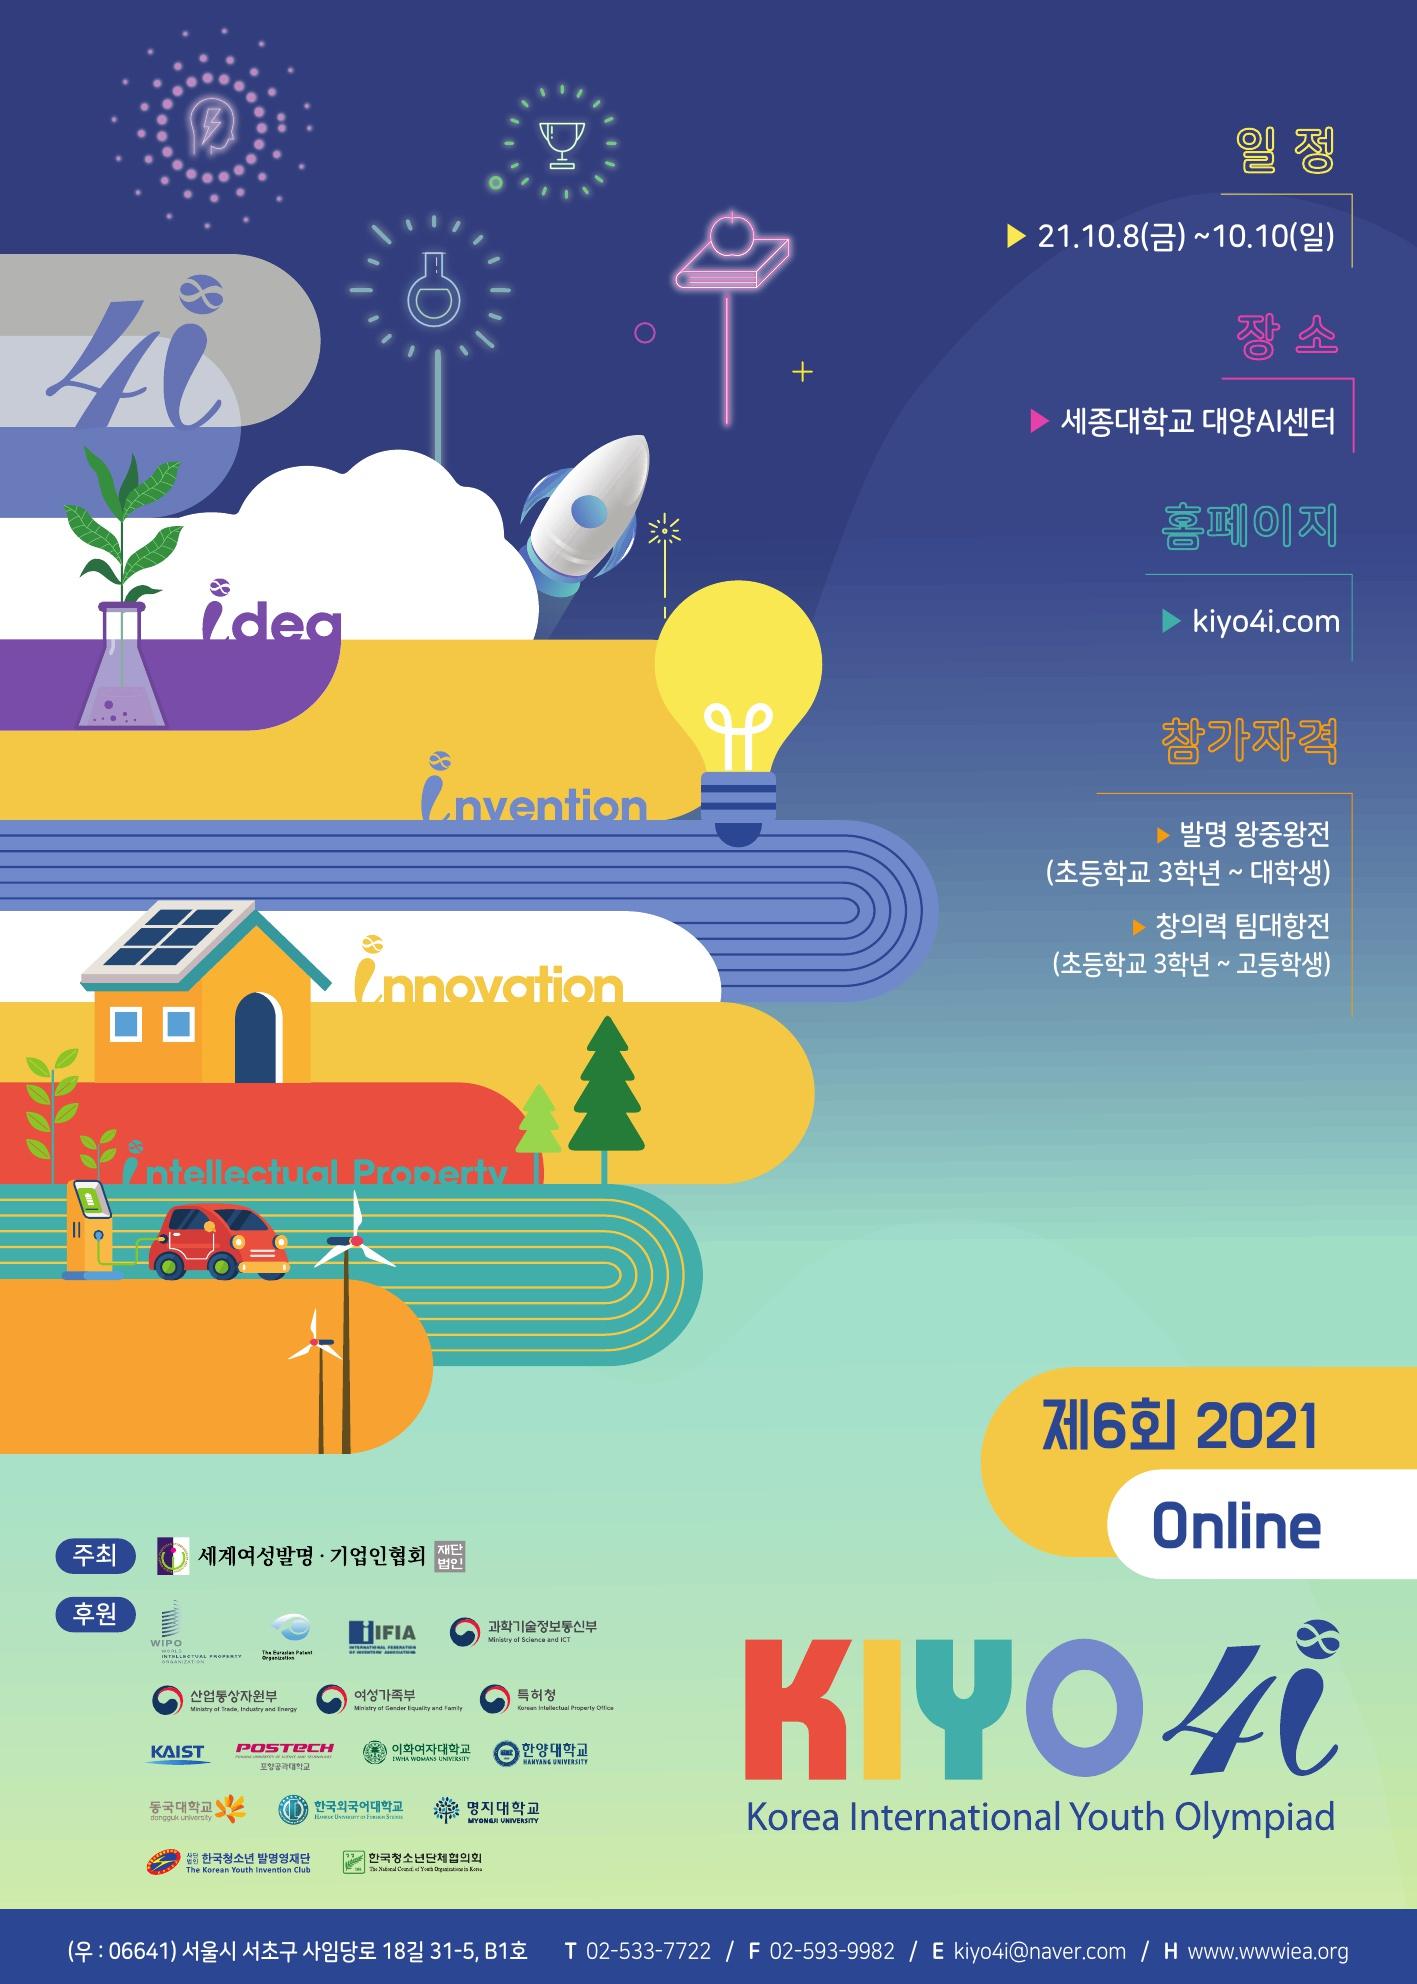 제6회 세계청소년올림피아드 2021 (Korea International Youth Olympiad)